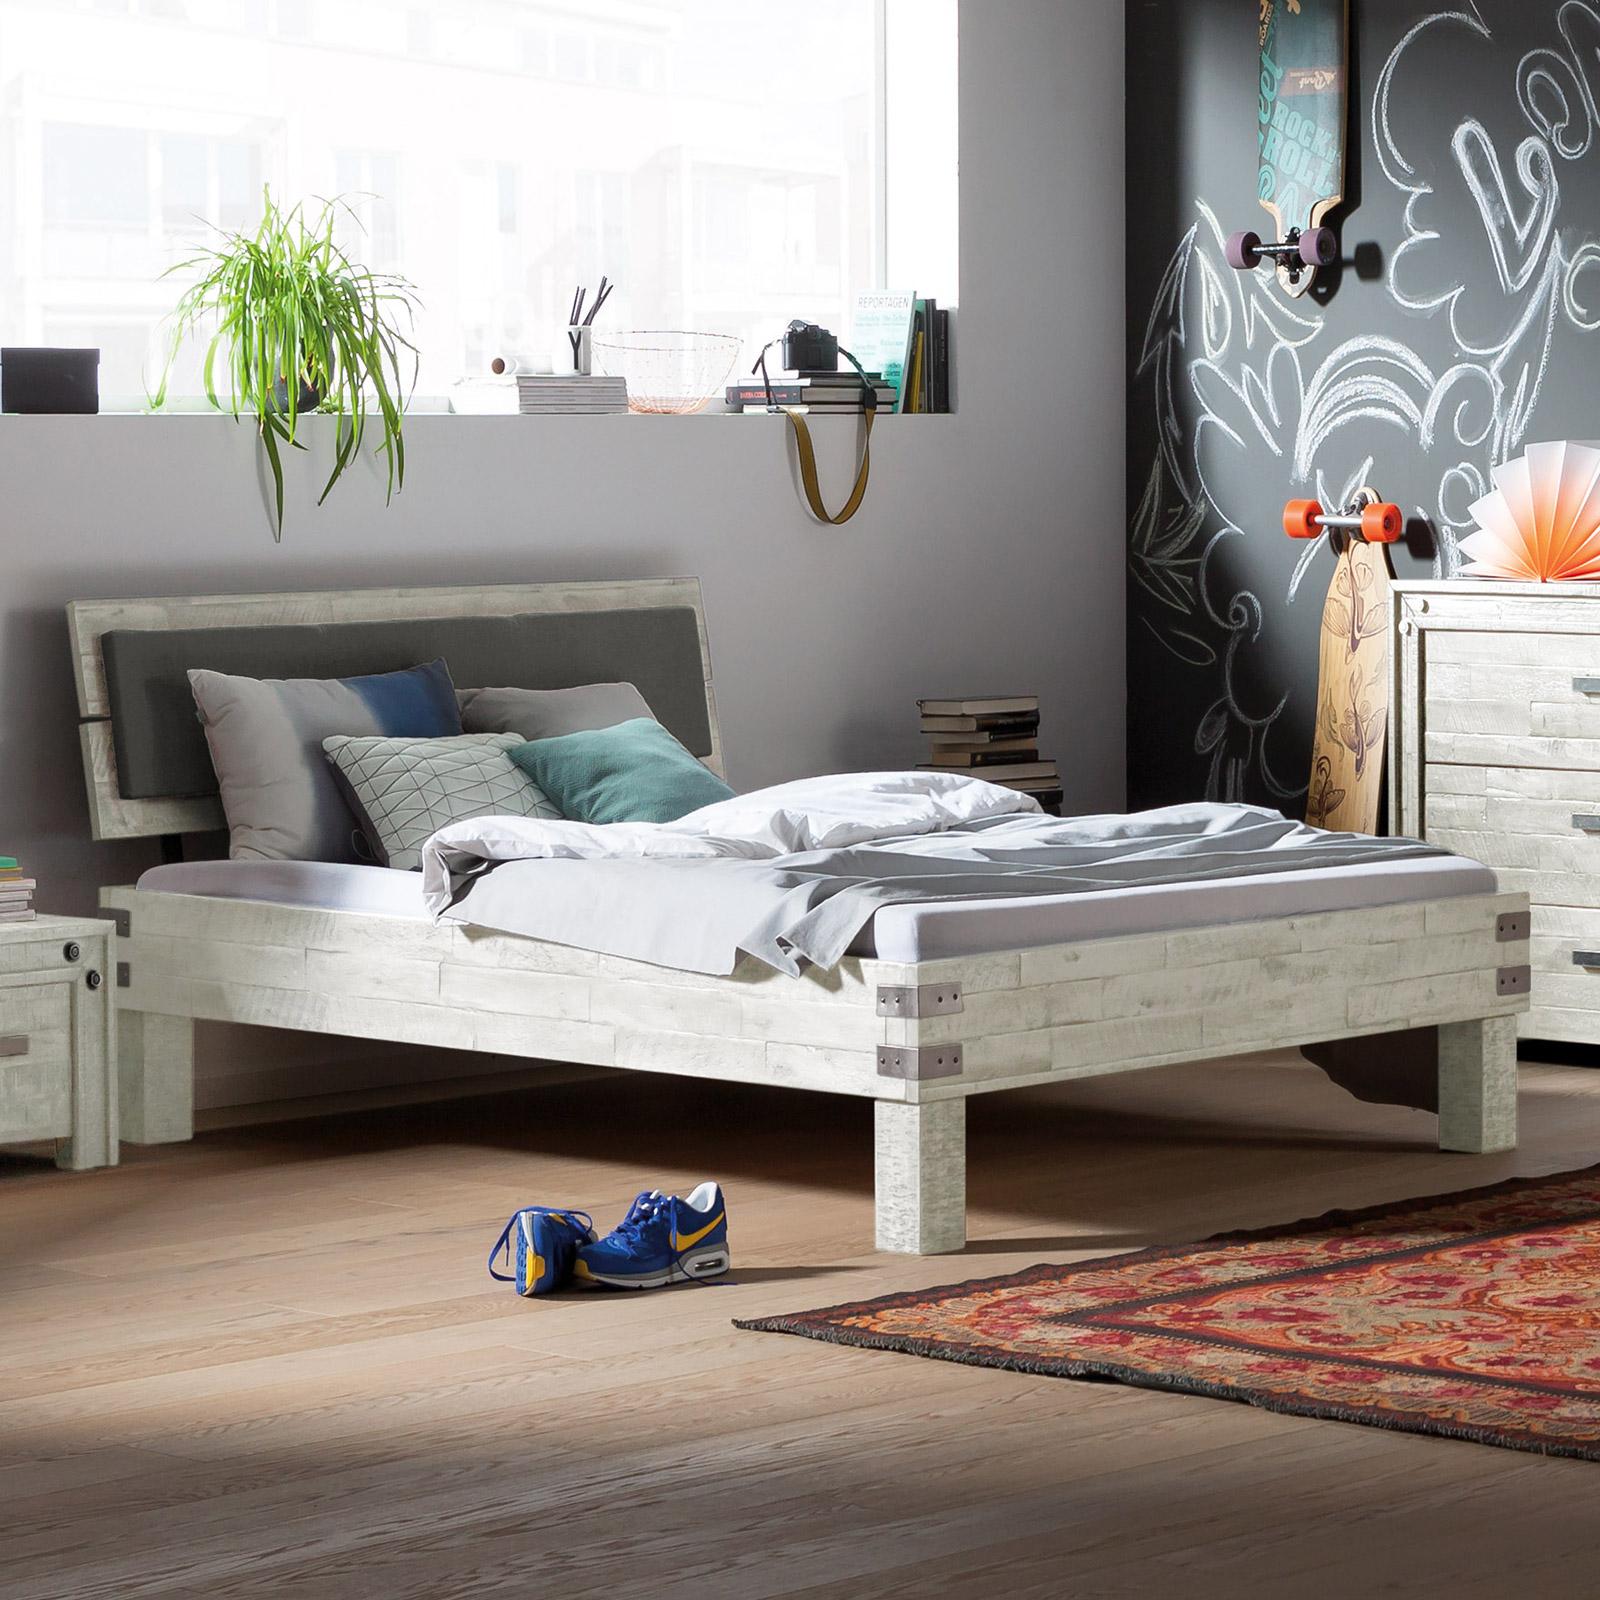 Jugendbett aus akazie im industrial style felipe for Jugendzimmer 2 betten